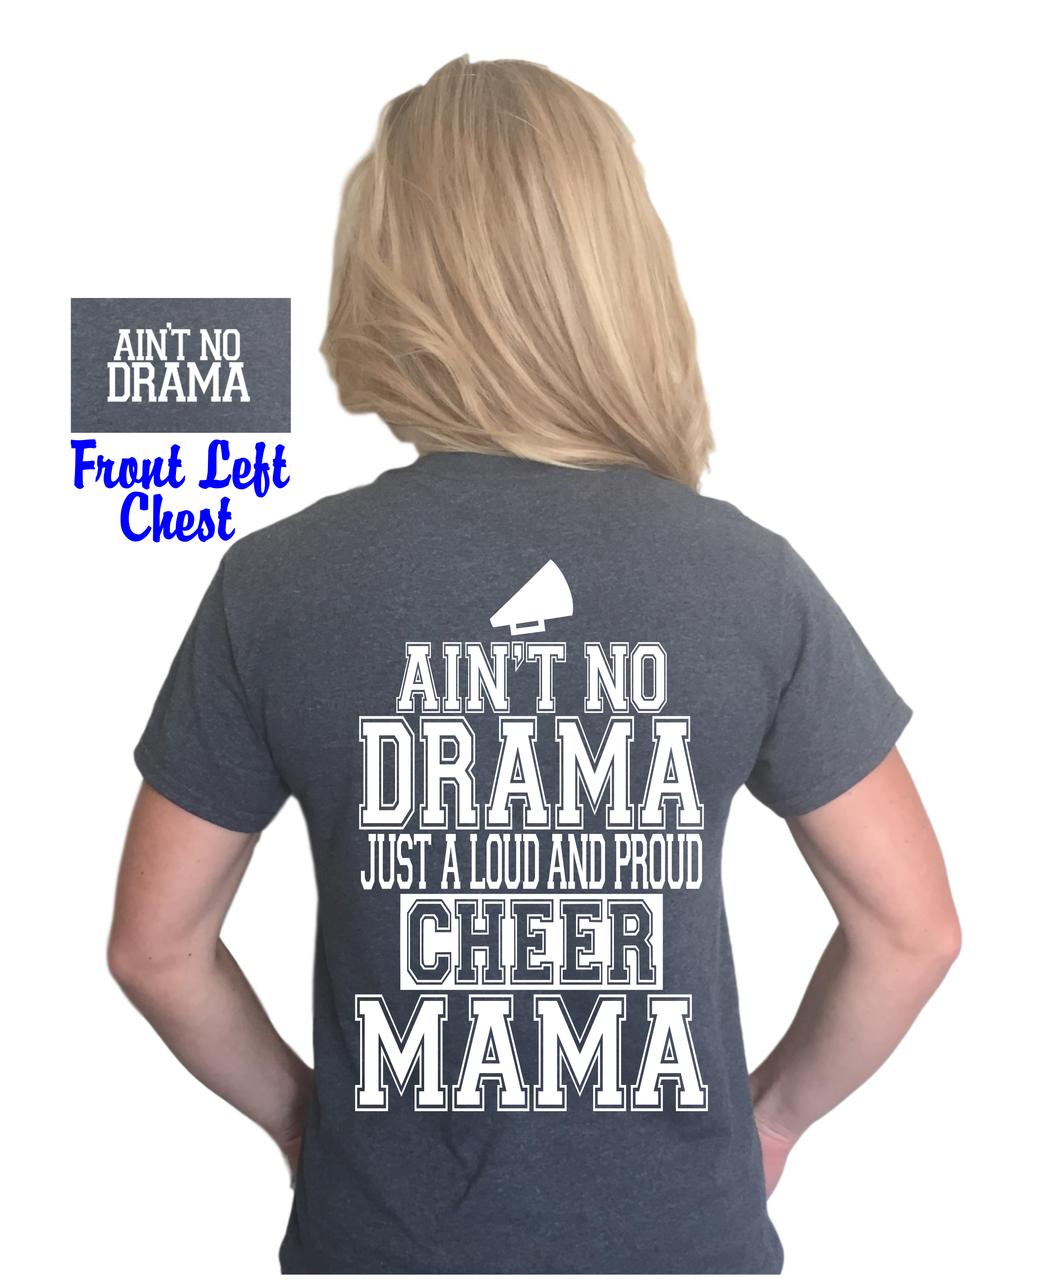 f21460643 Ain't no drama just a loud and proud cheer mama shirt, cheer mom t-shirt